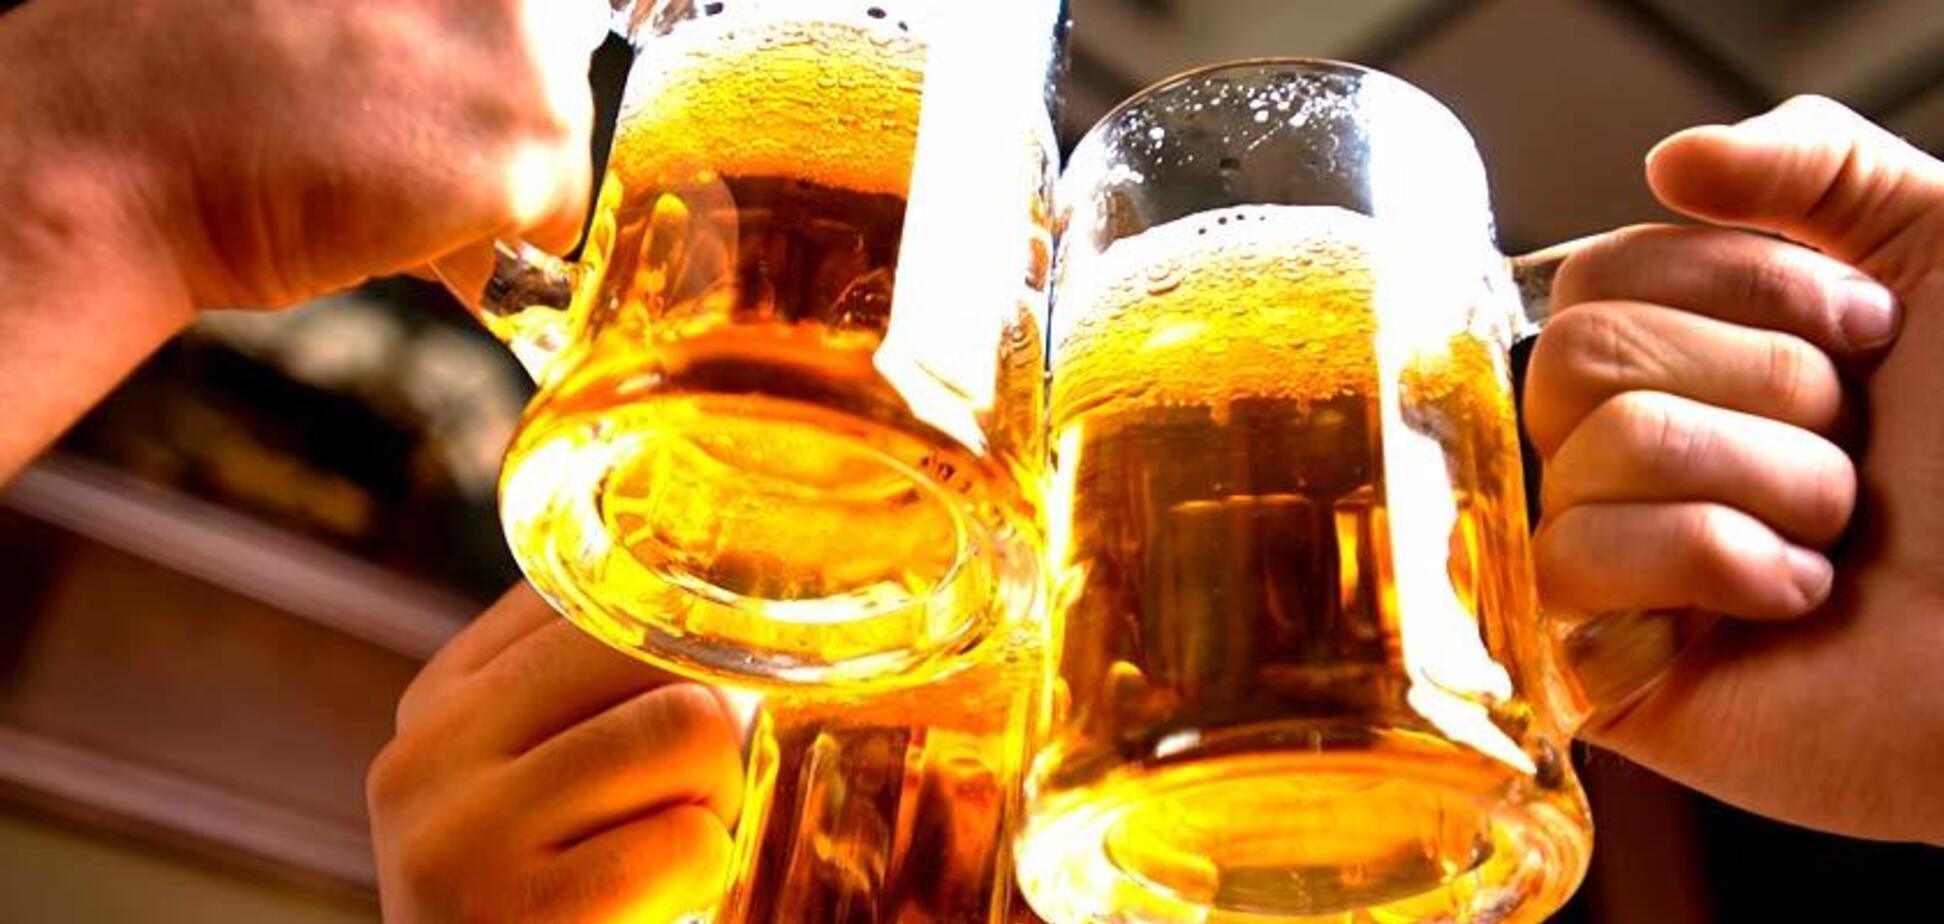 ''Доживете до ста років!'' Вчені назвали несподівану користь пива